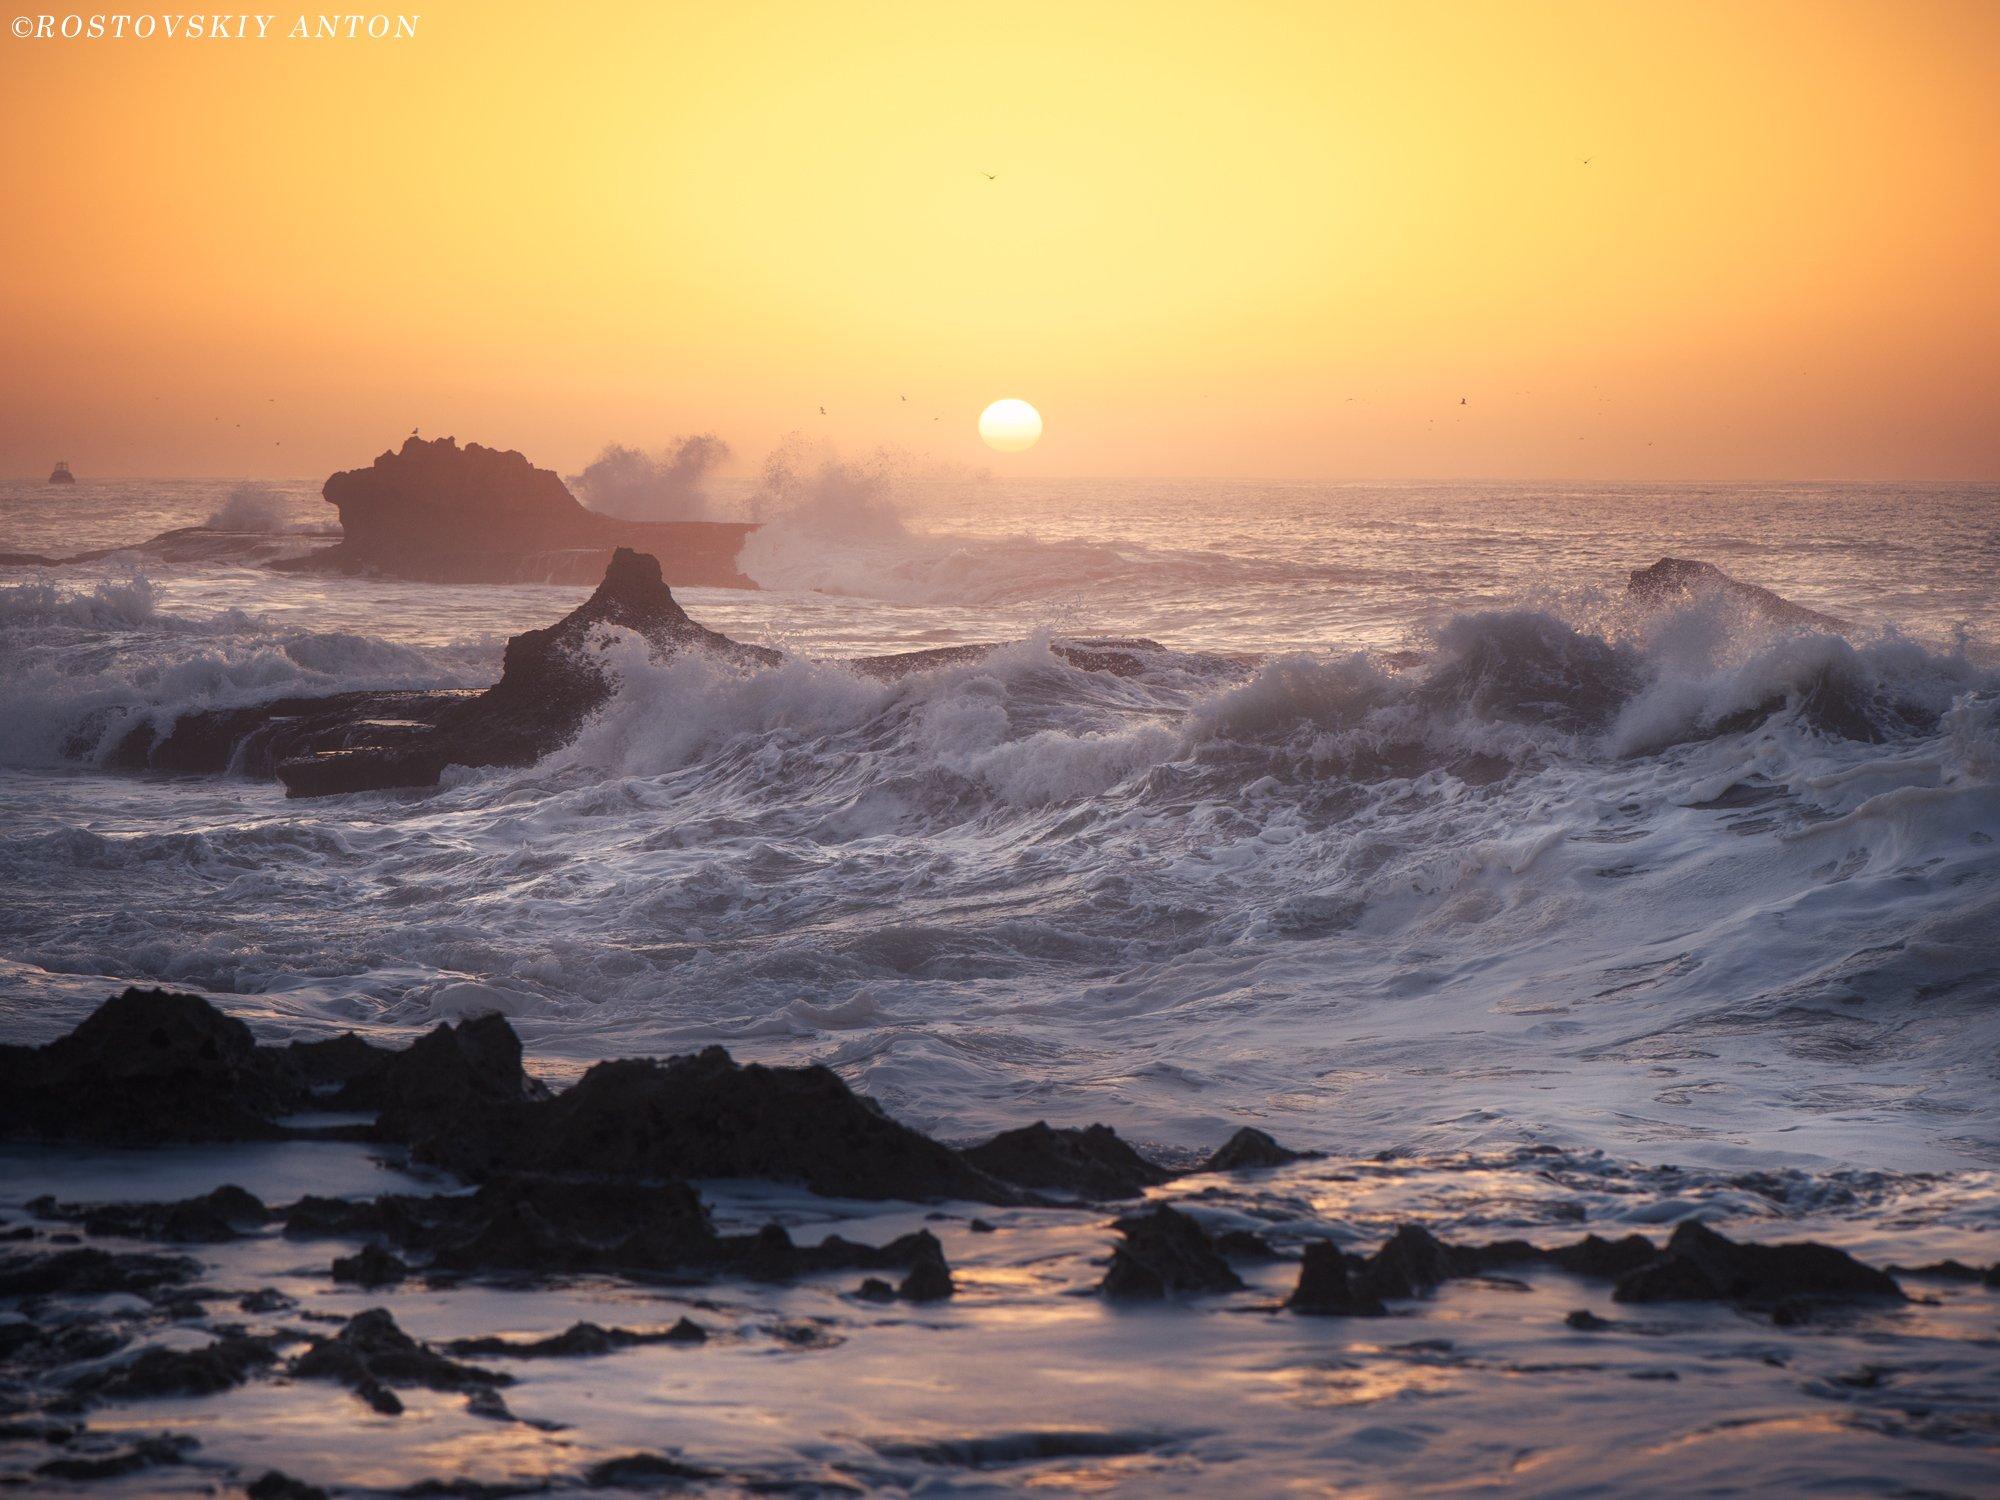 Марокко, фототур, фотопутешествие, закат, океан, шторм, Эссуэйра, Антон Ростовский